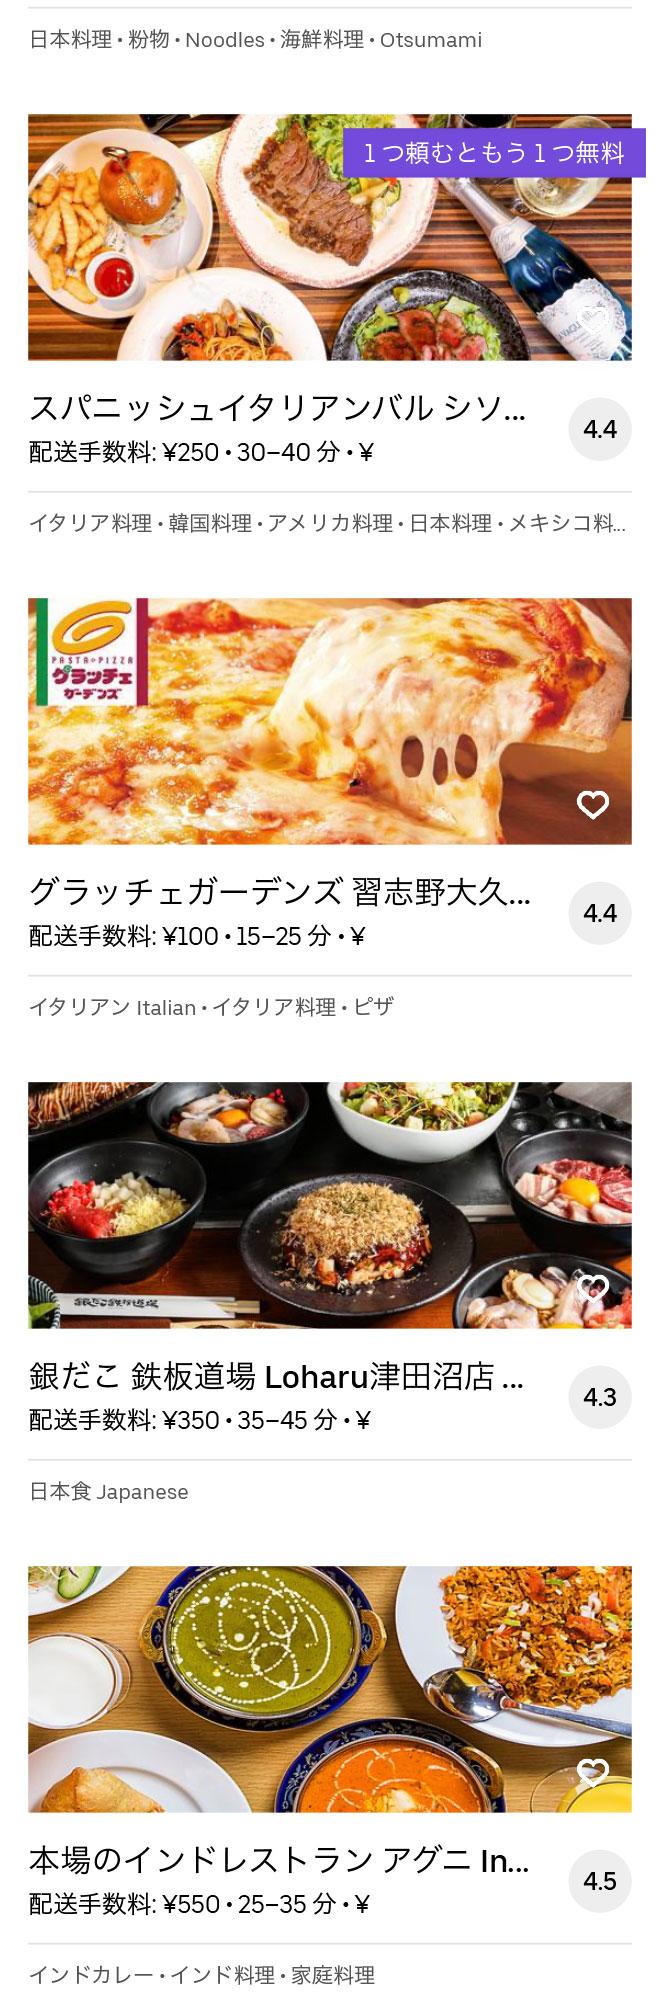 Narashino ookubo menu 2004 08